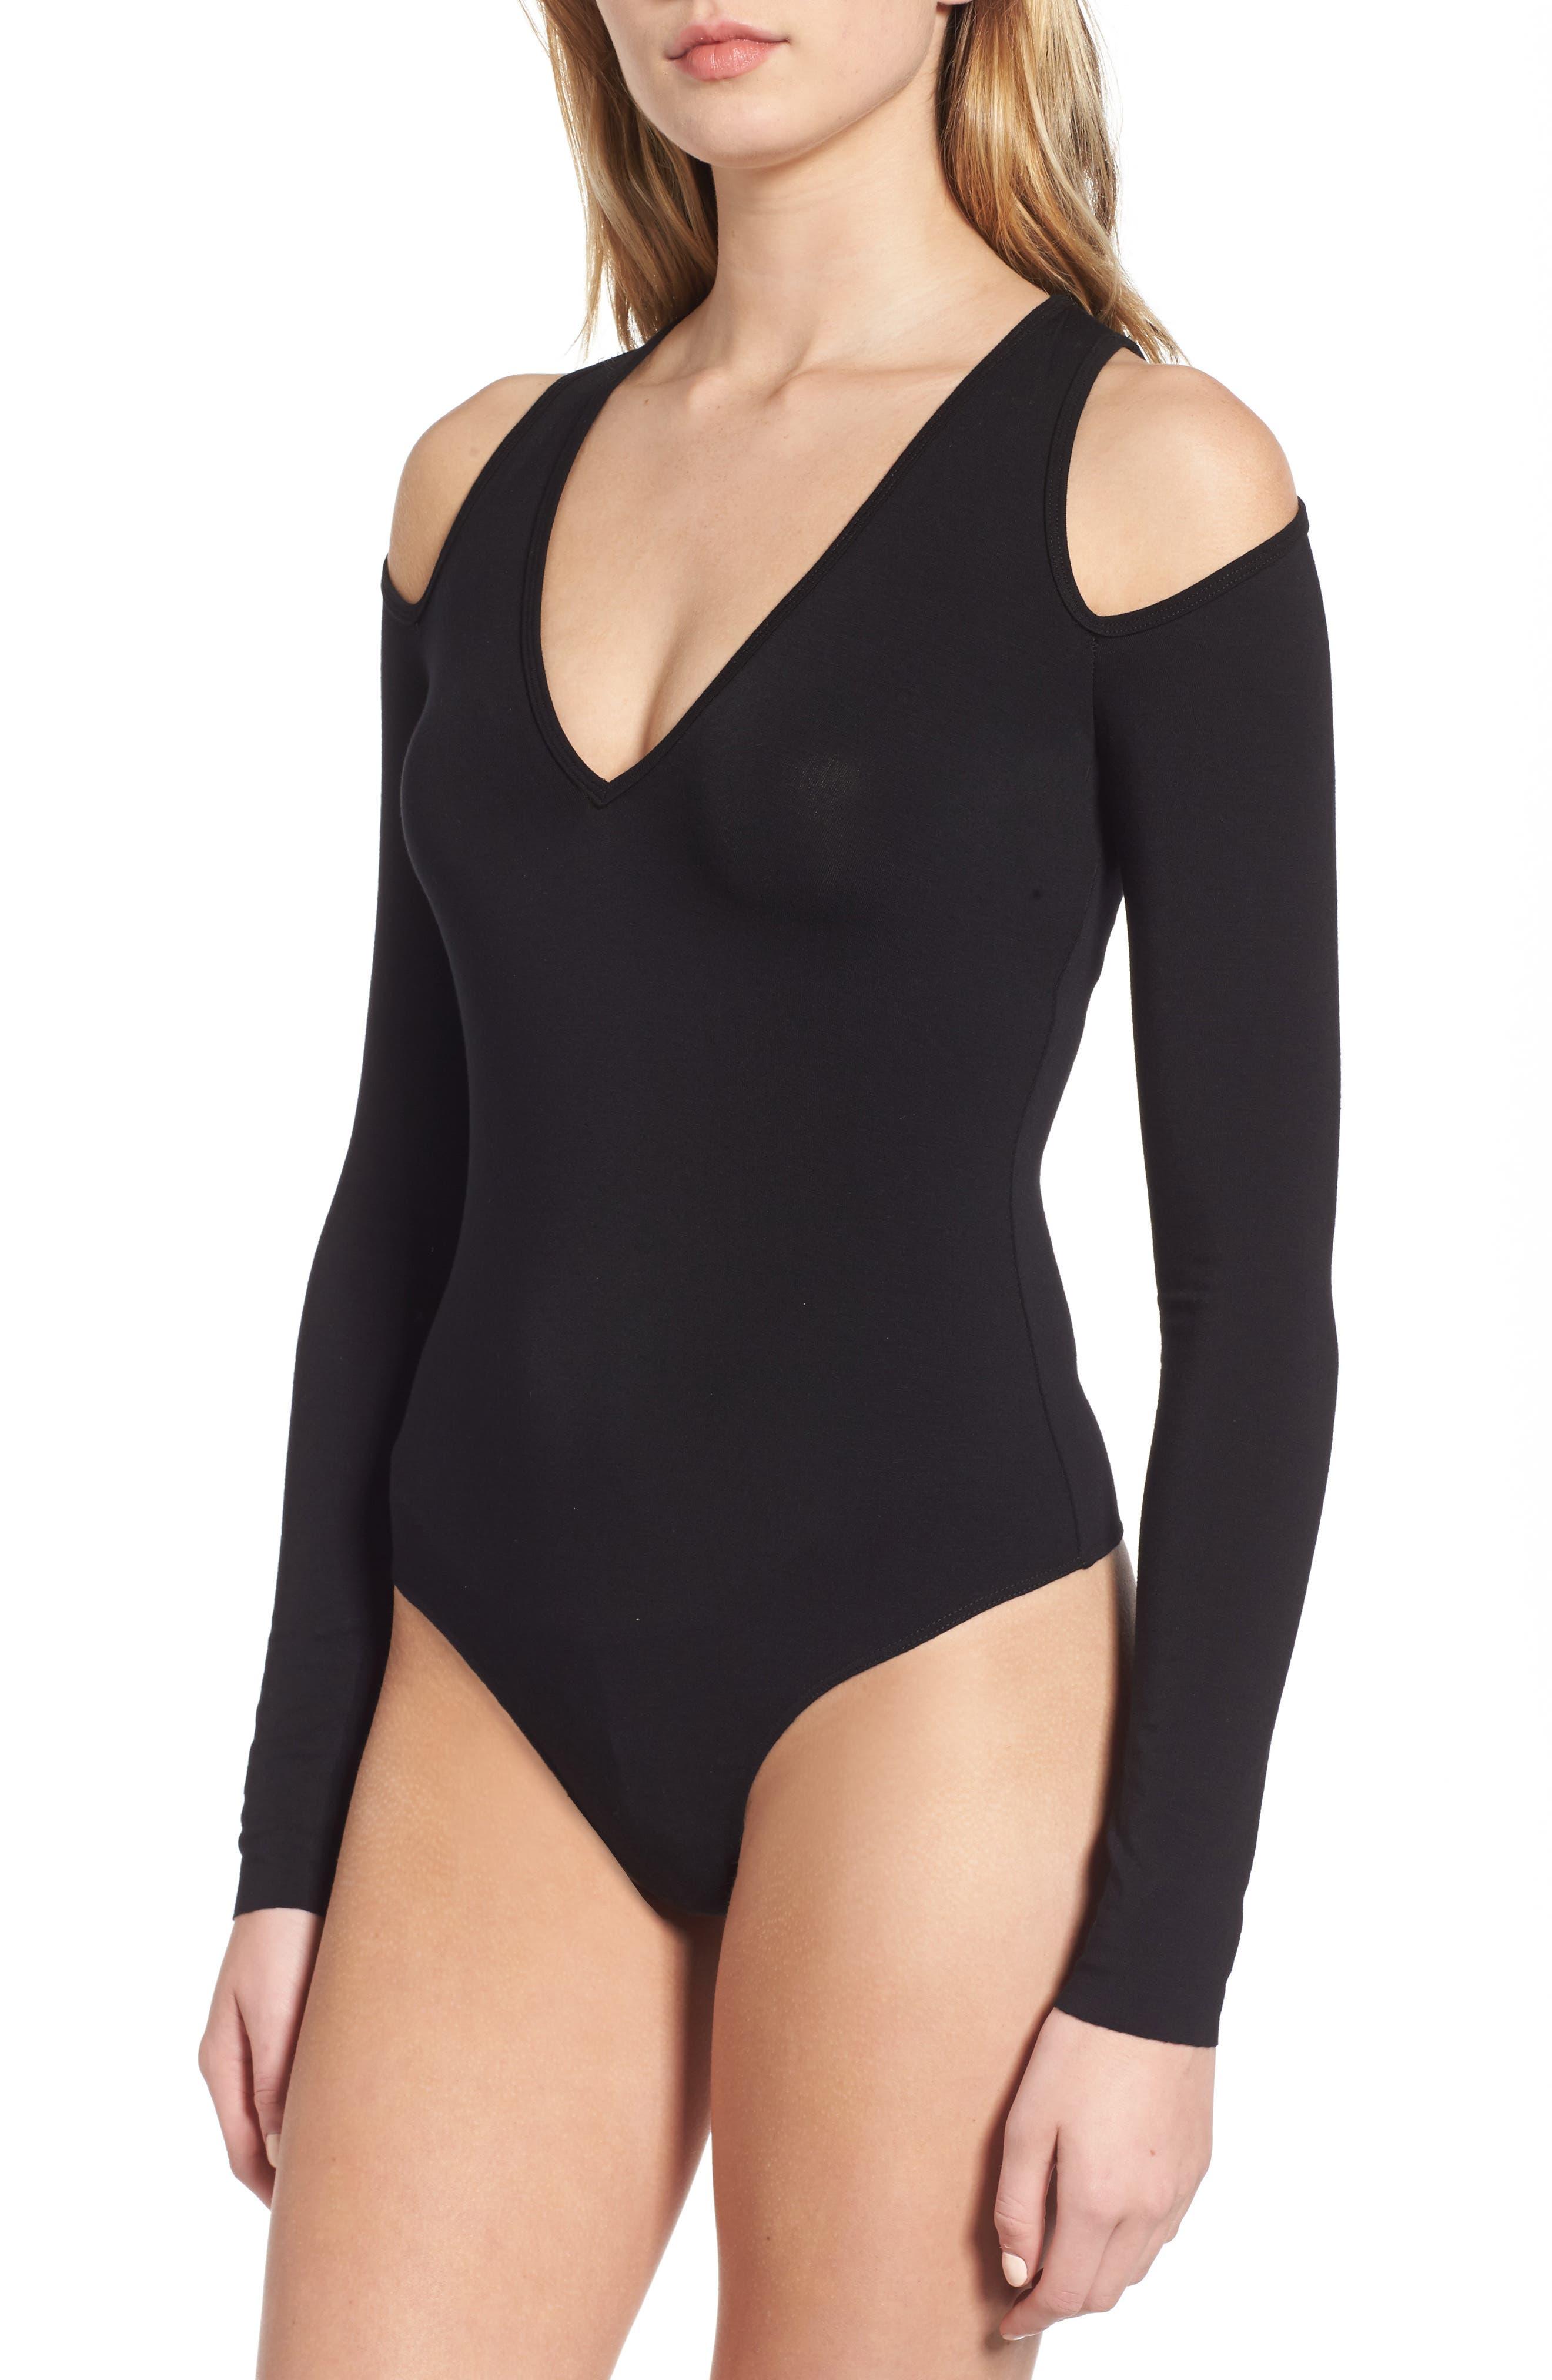 Patricia Cold Shoulder Bodysuit,                             Alternate thumbnail 2, color,                             001